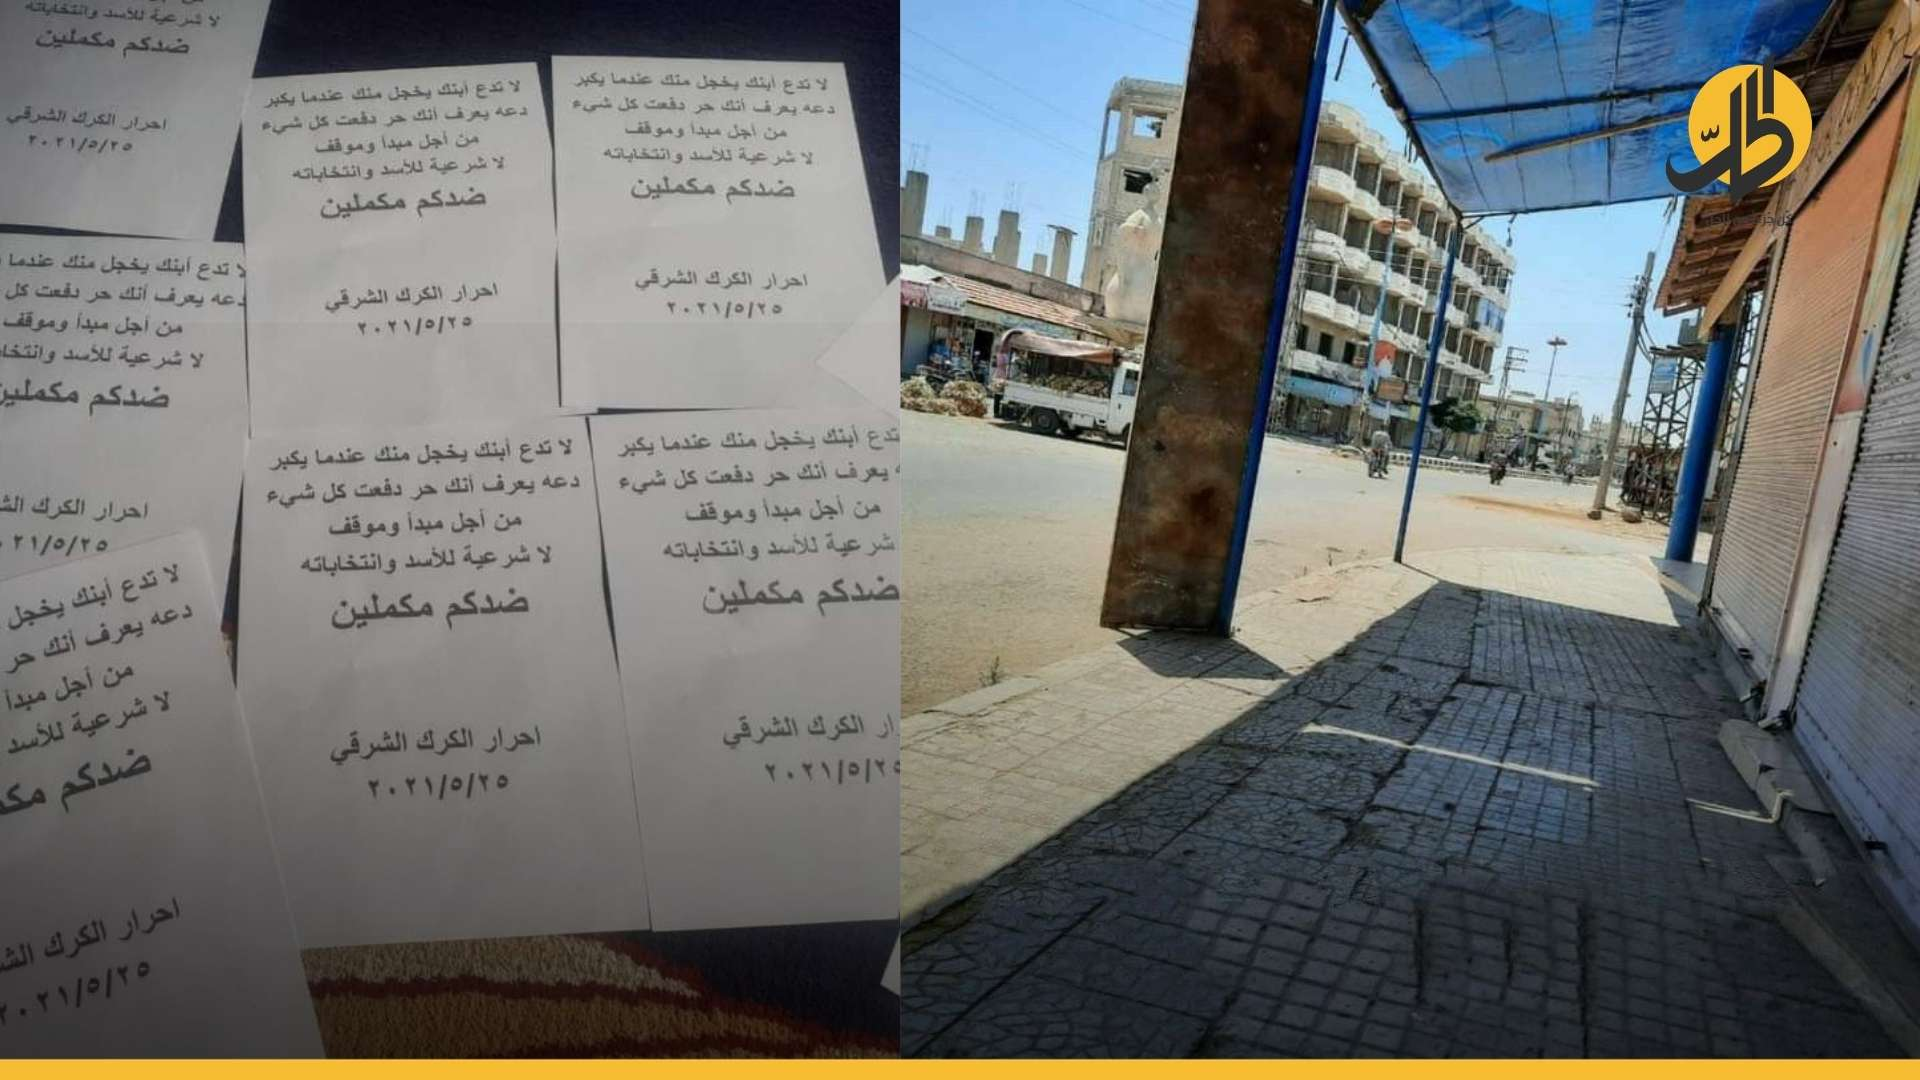 إضرابٌ واحتجاجات رفضاً للانتخابات: درعا تنتفض مُجدّداً.. هل ستكون الأخيرة لتحديد مصير الجنوب السوري؟